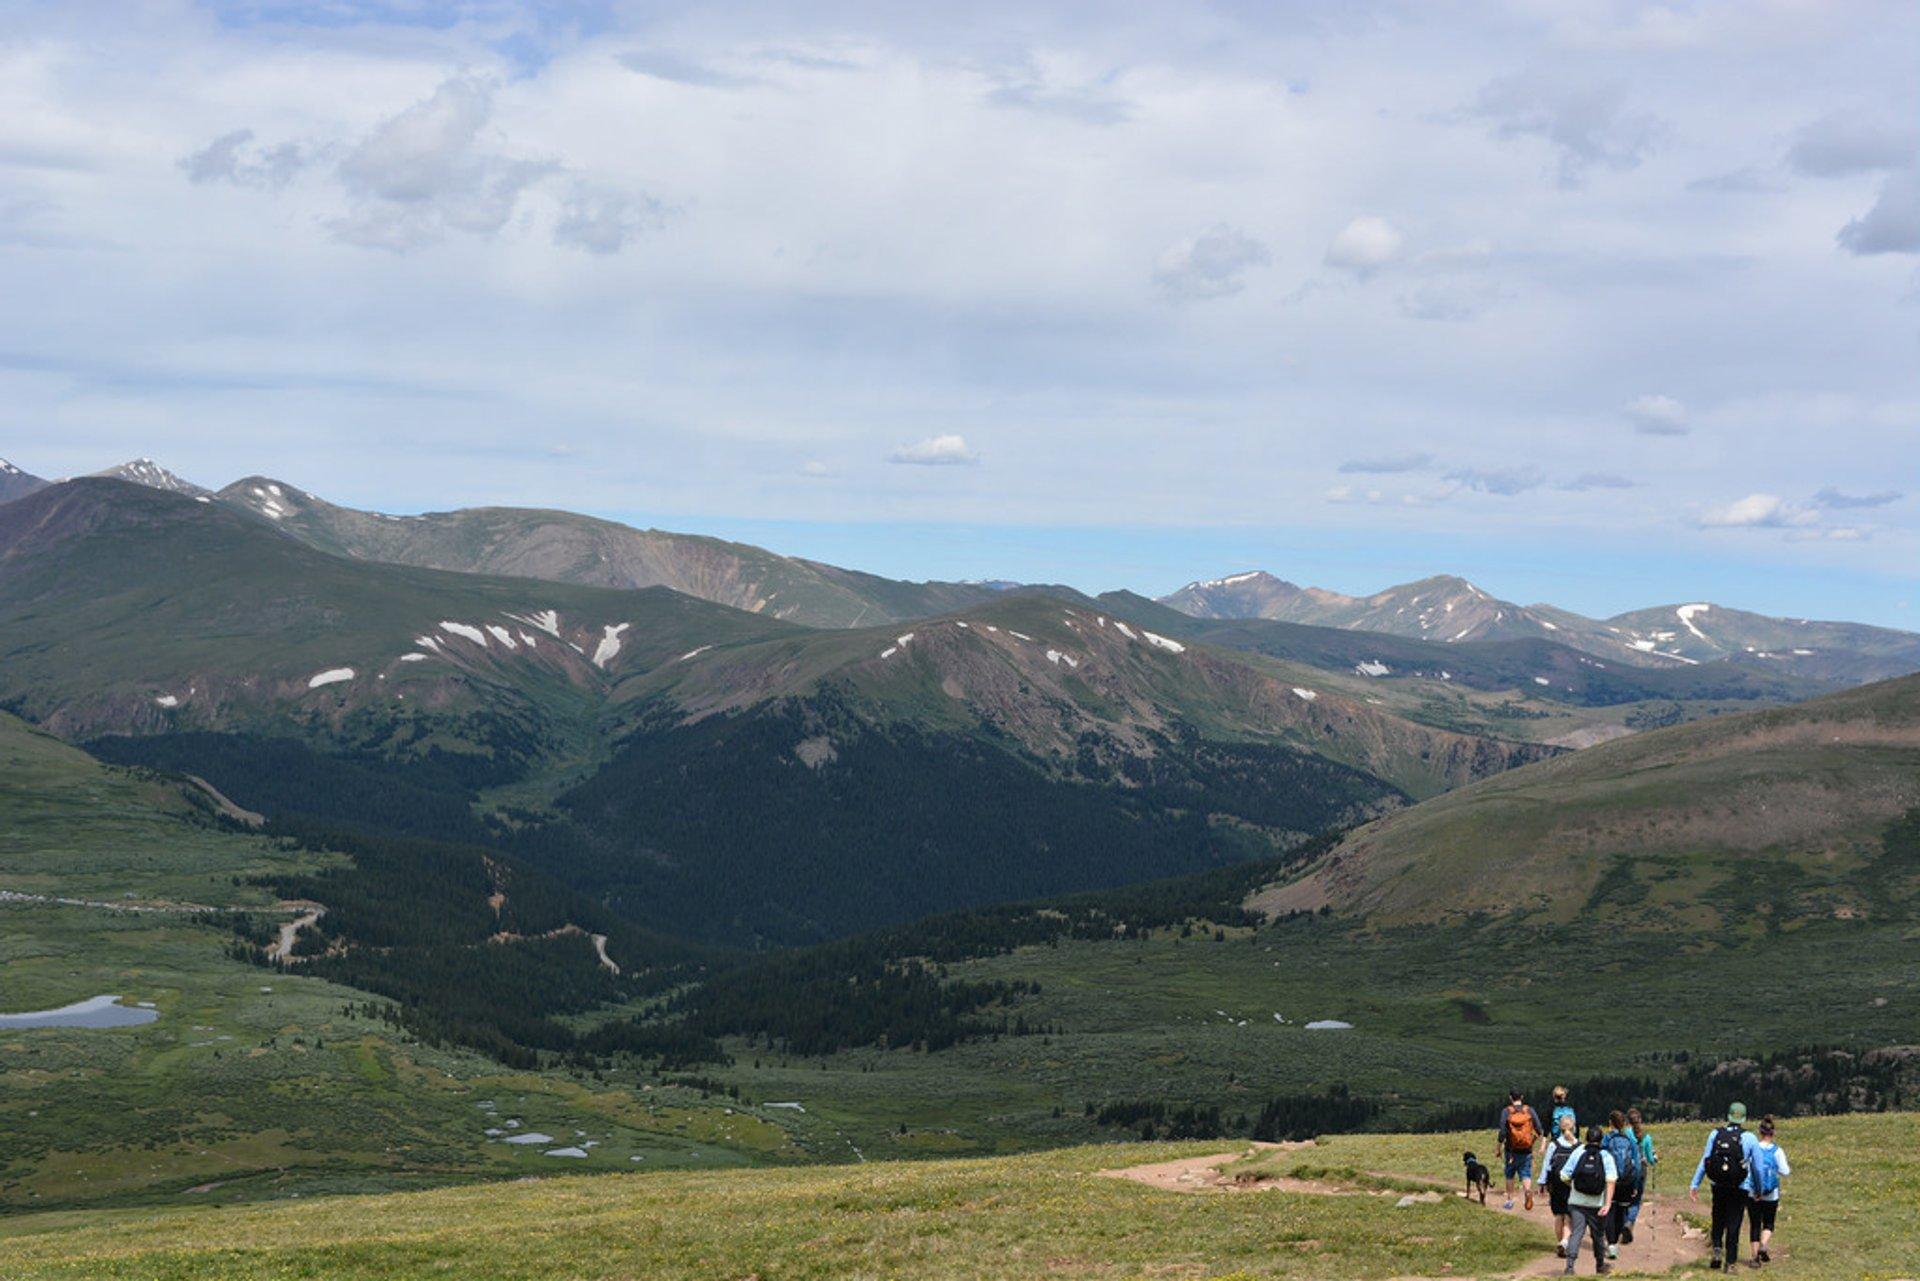 Best time for Mount Bierstadt in Colorado 2020